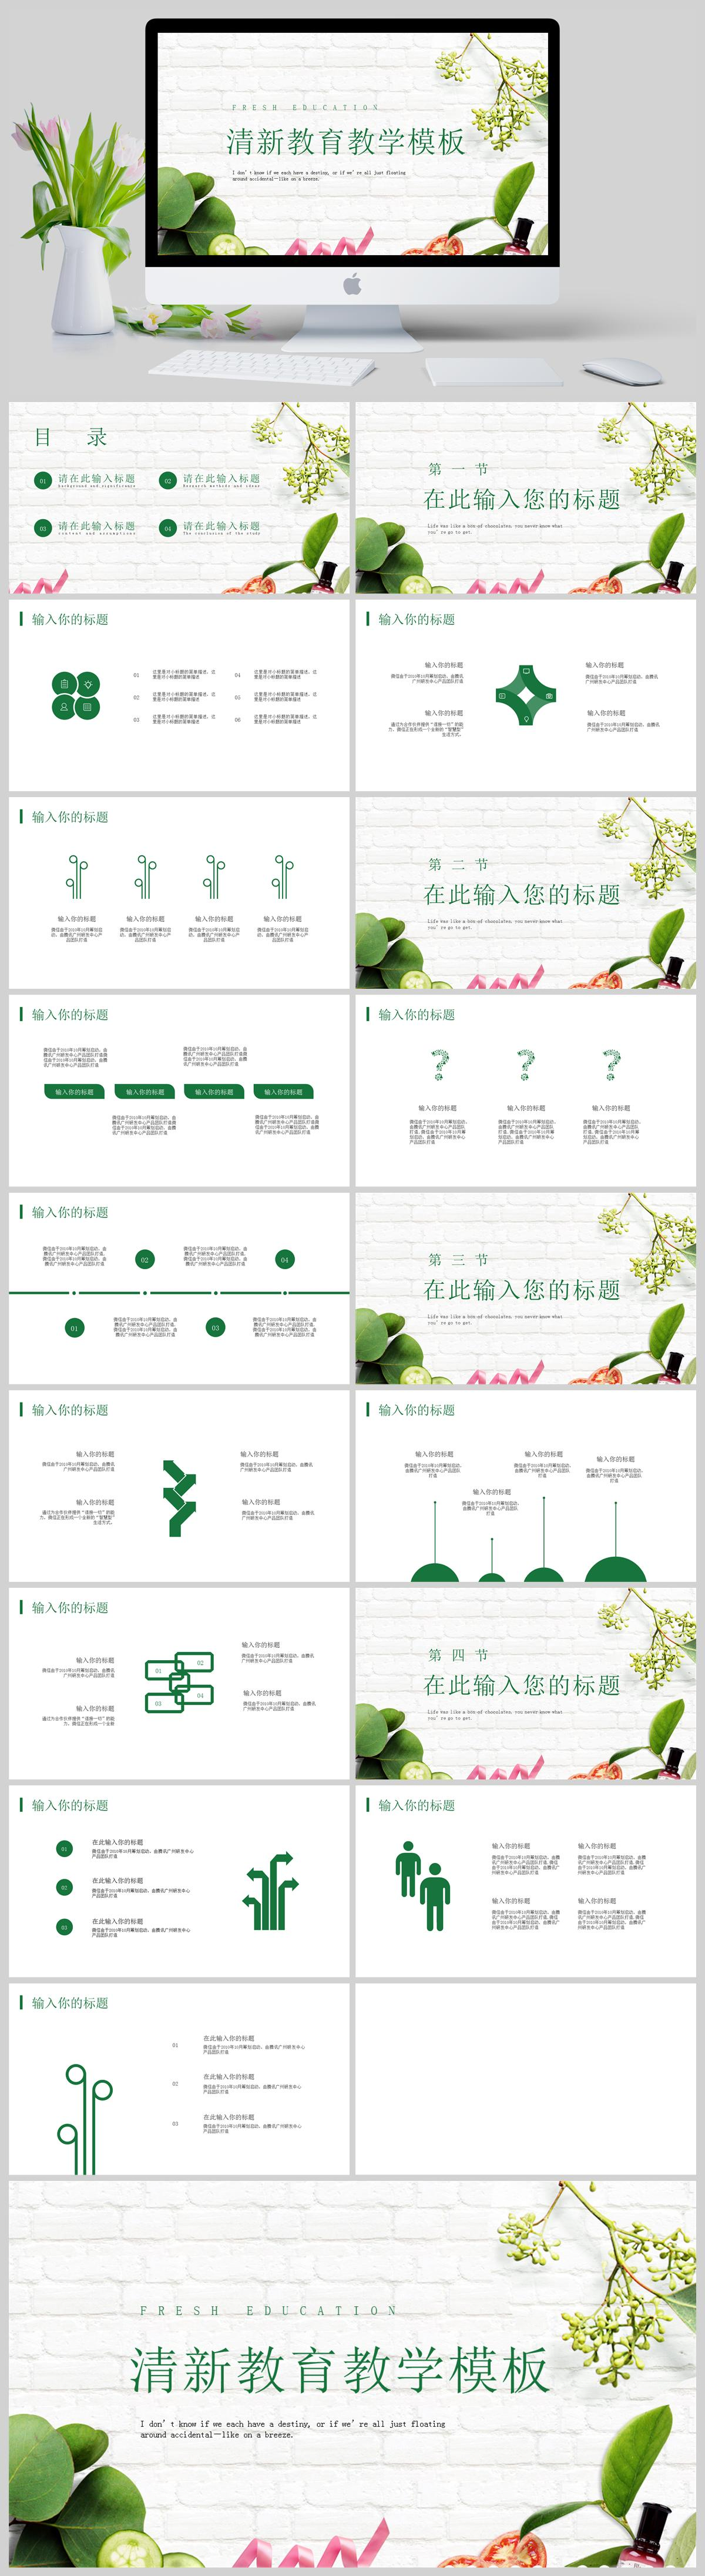 清新教育教学PPT亚博体育主页